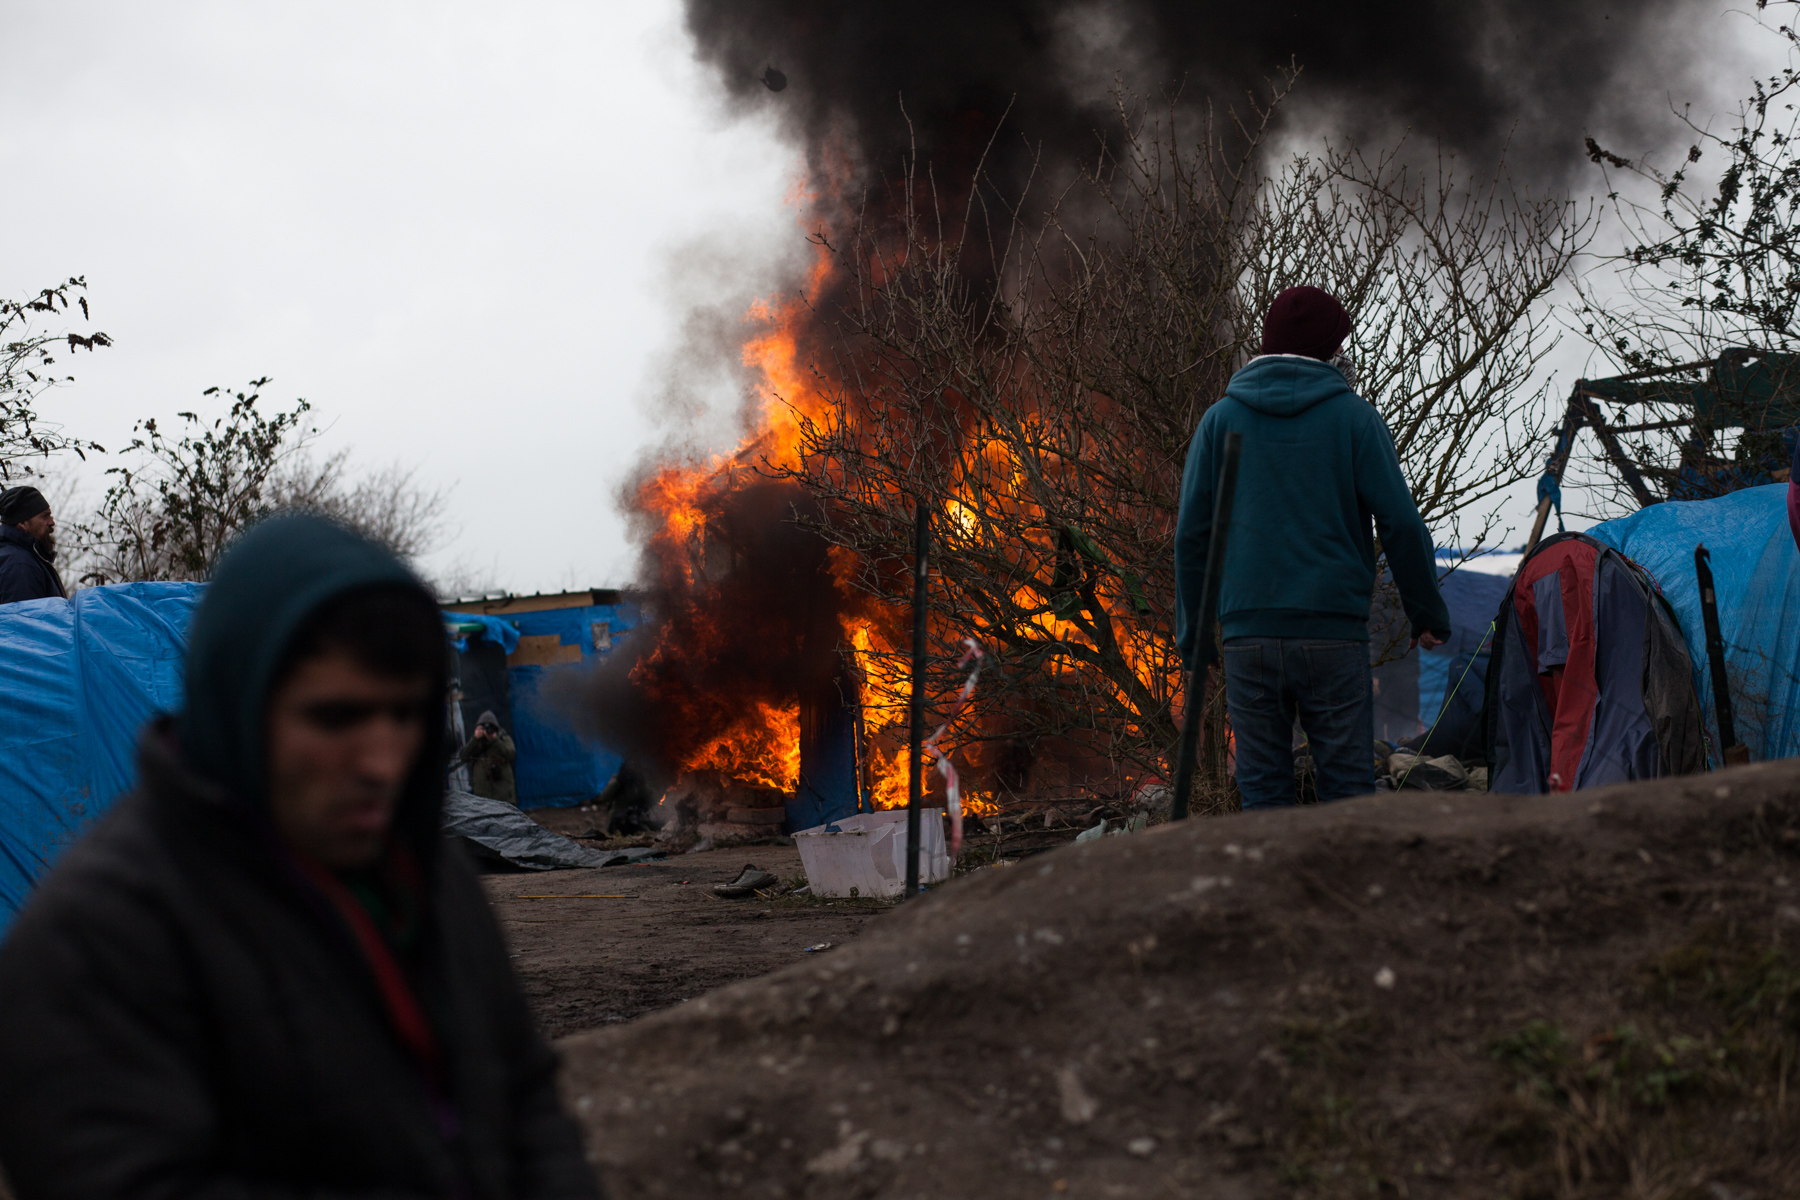 Des migrants mettent feu à certaines habitations avant qu'elles ne soient détruites par les forces de l'ordre.  L'Humanité - 4.03.16